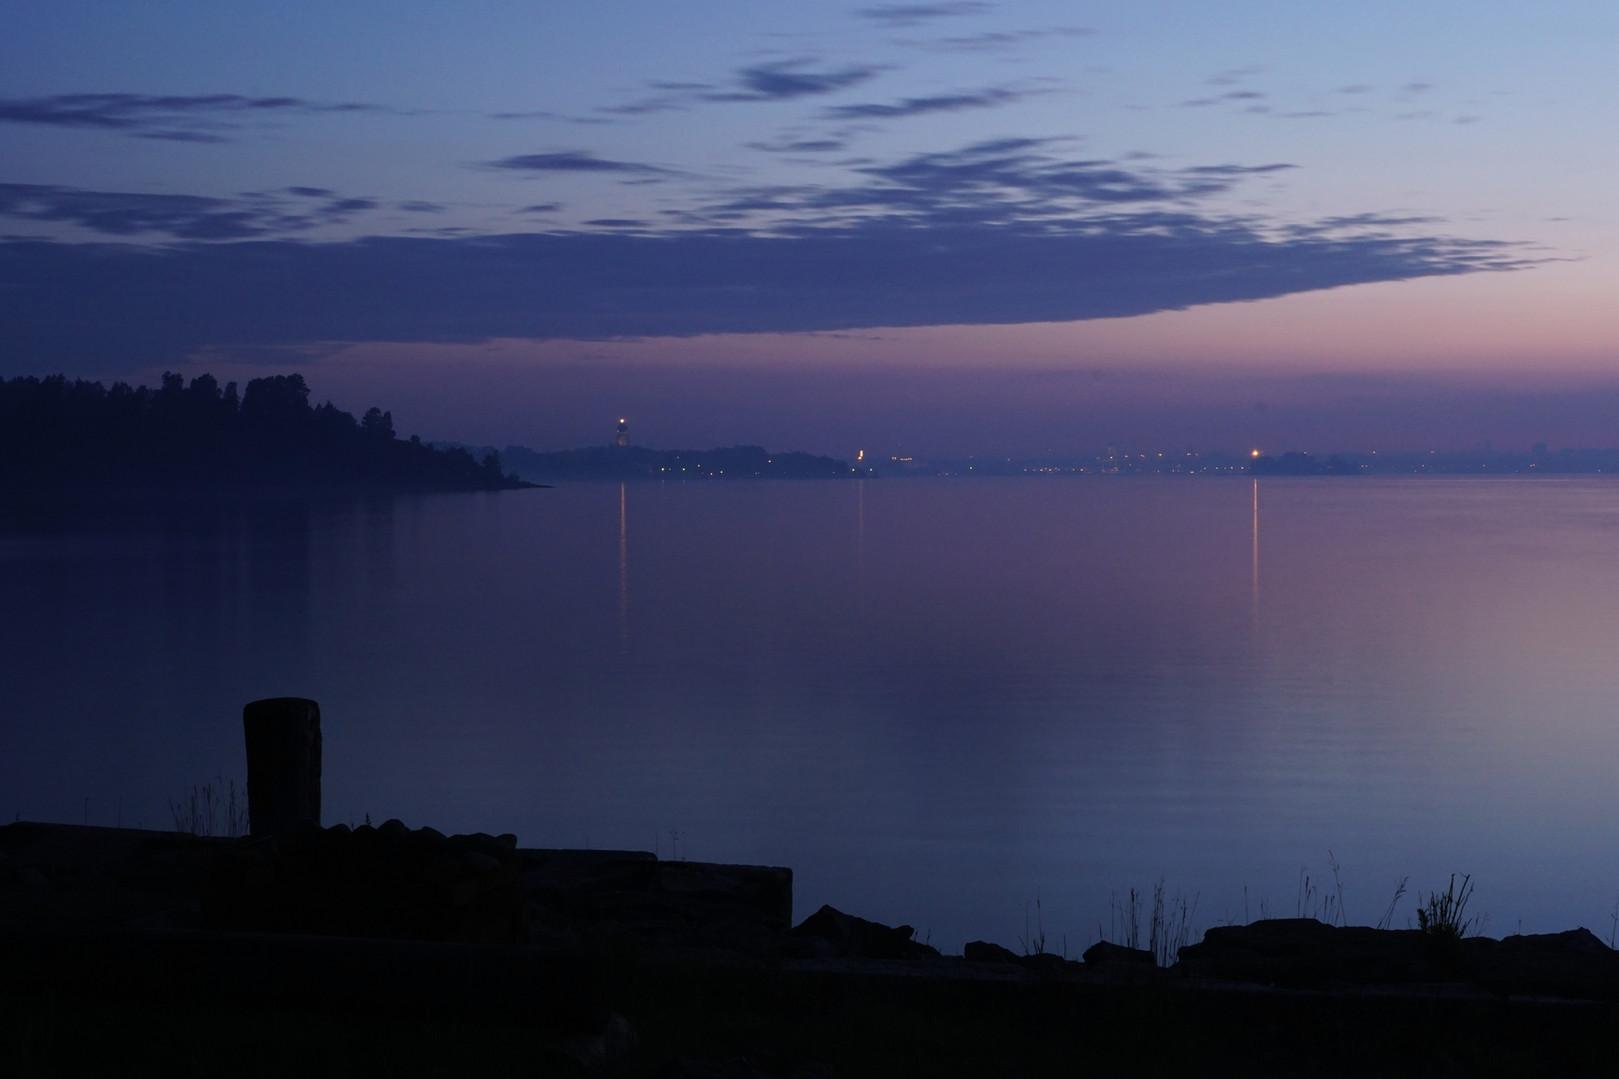 Pohjoisrannalla iltahämärässä 20.6.2015